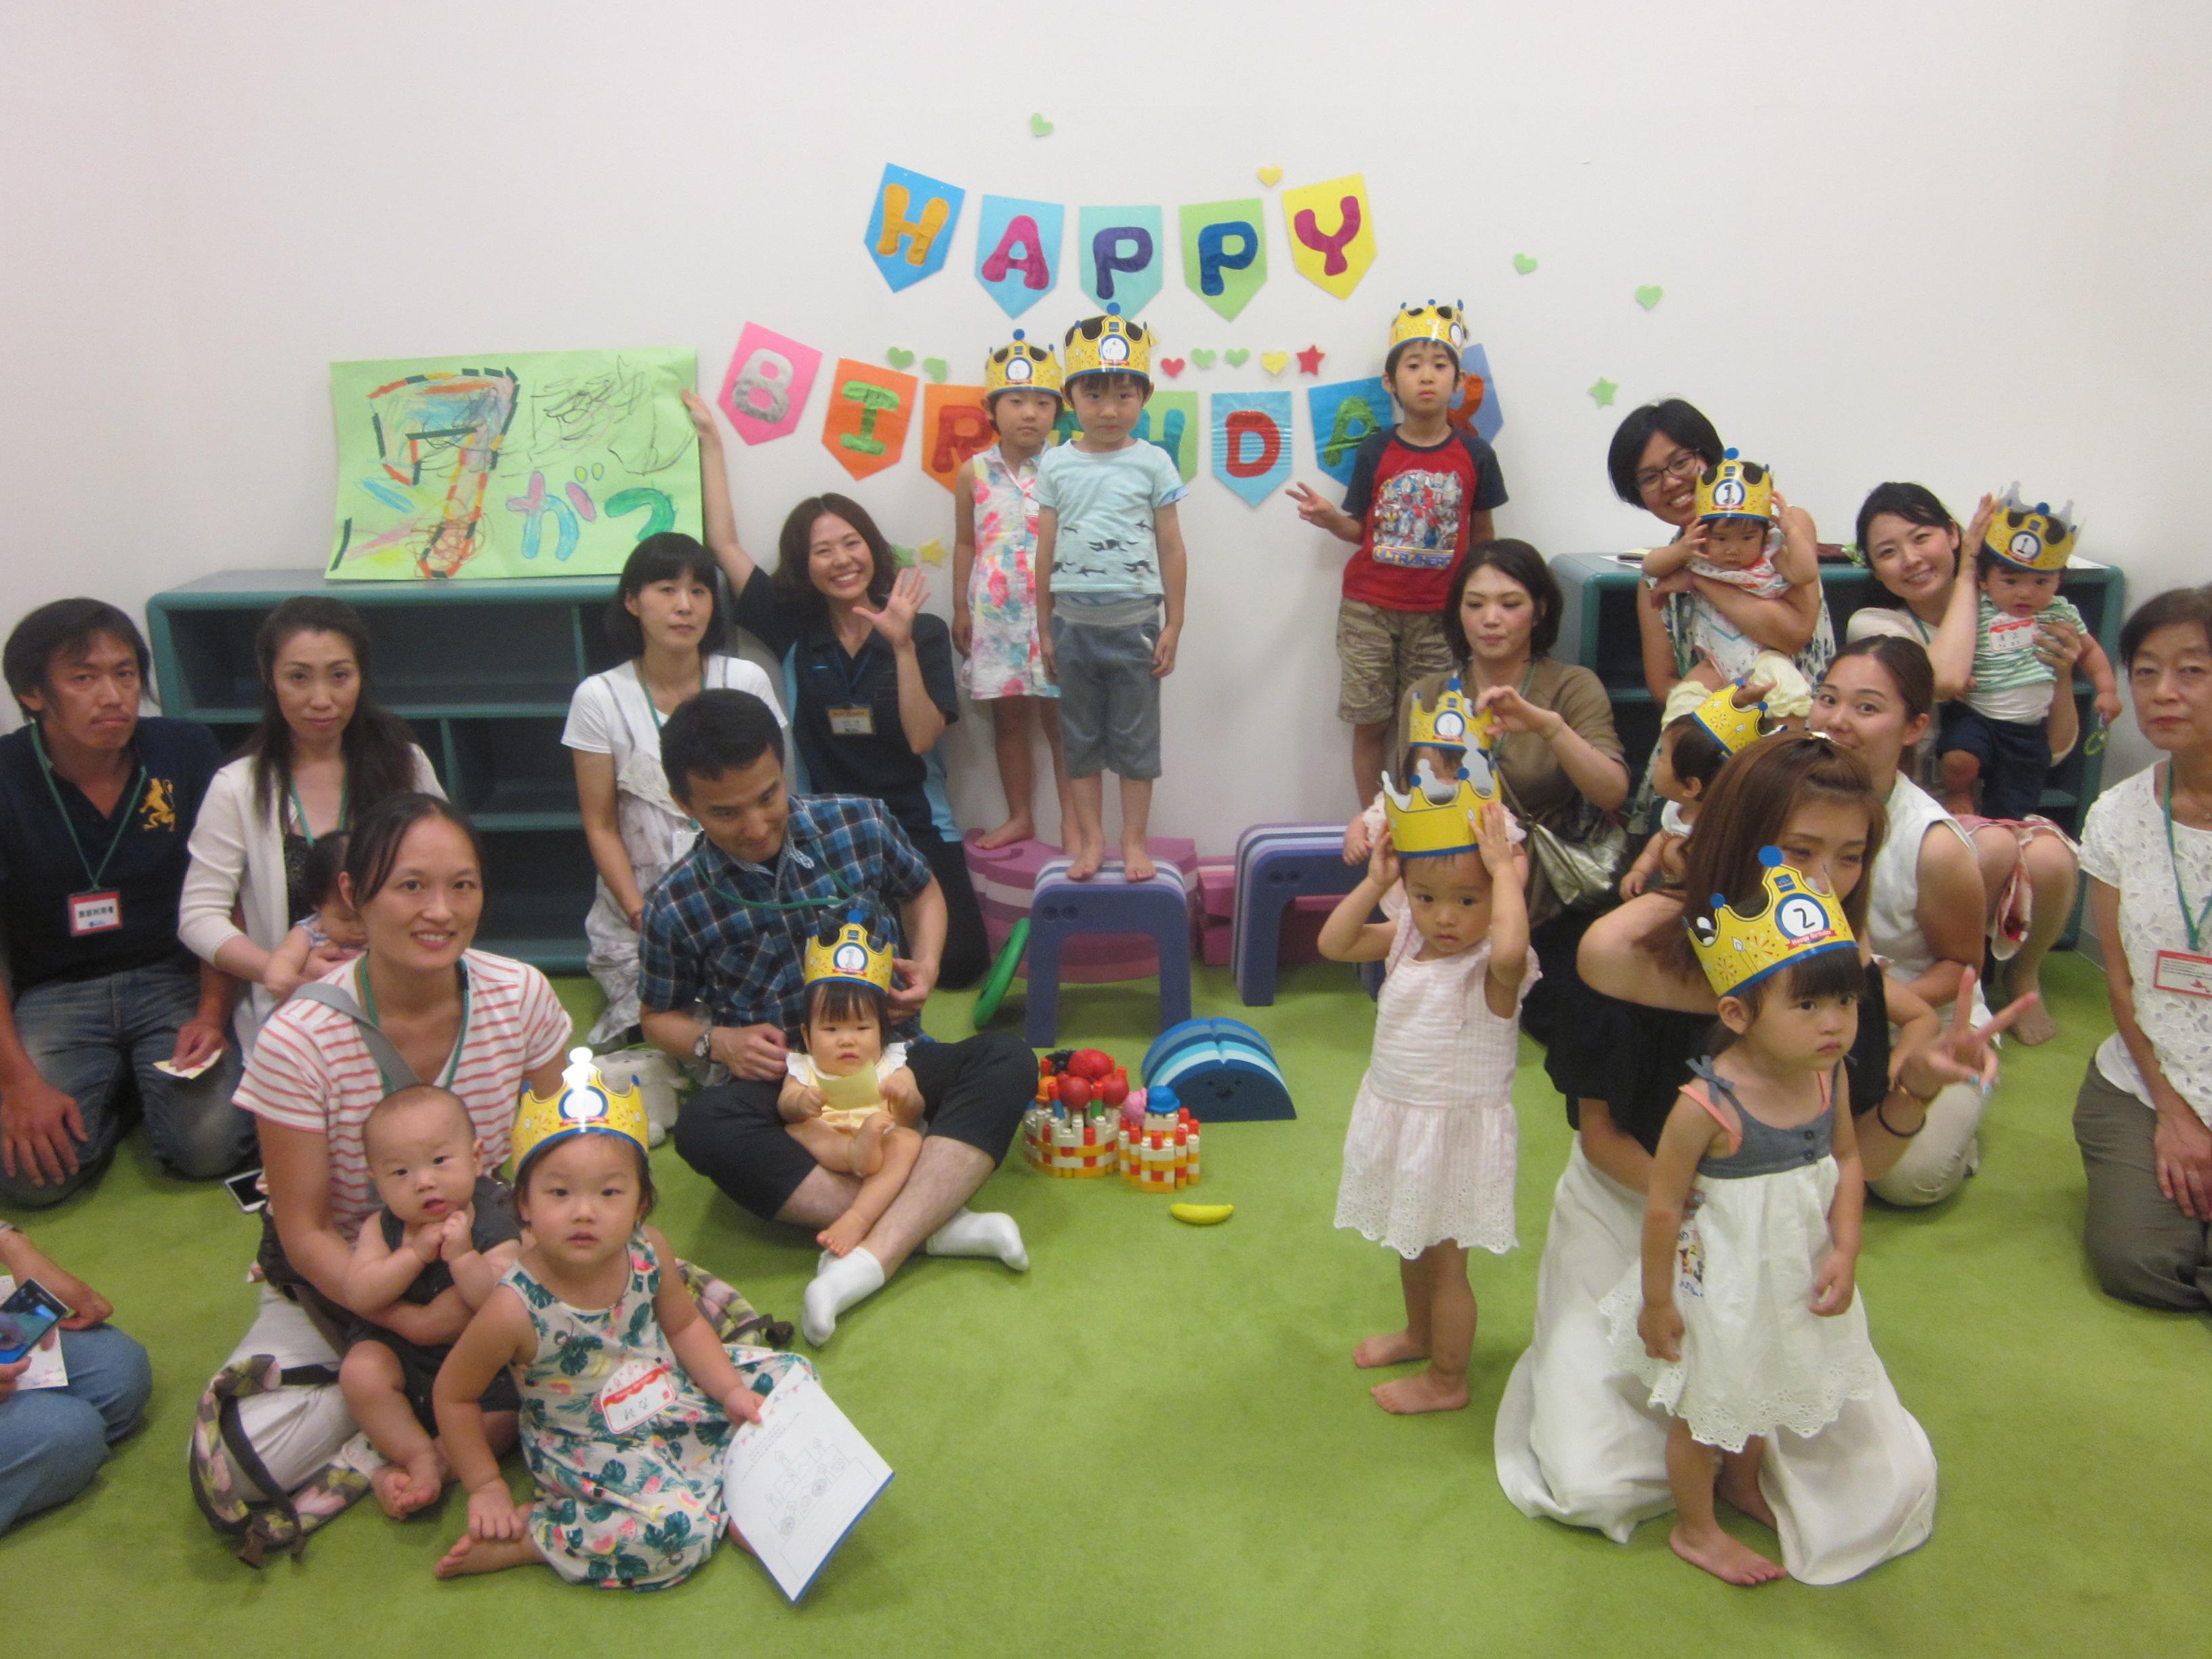 7月19日 お誕生日会を行いました!